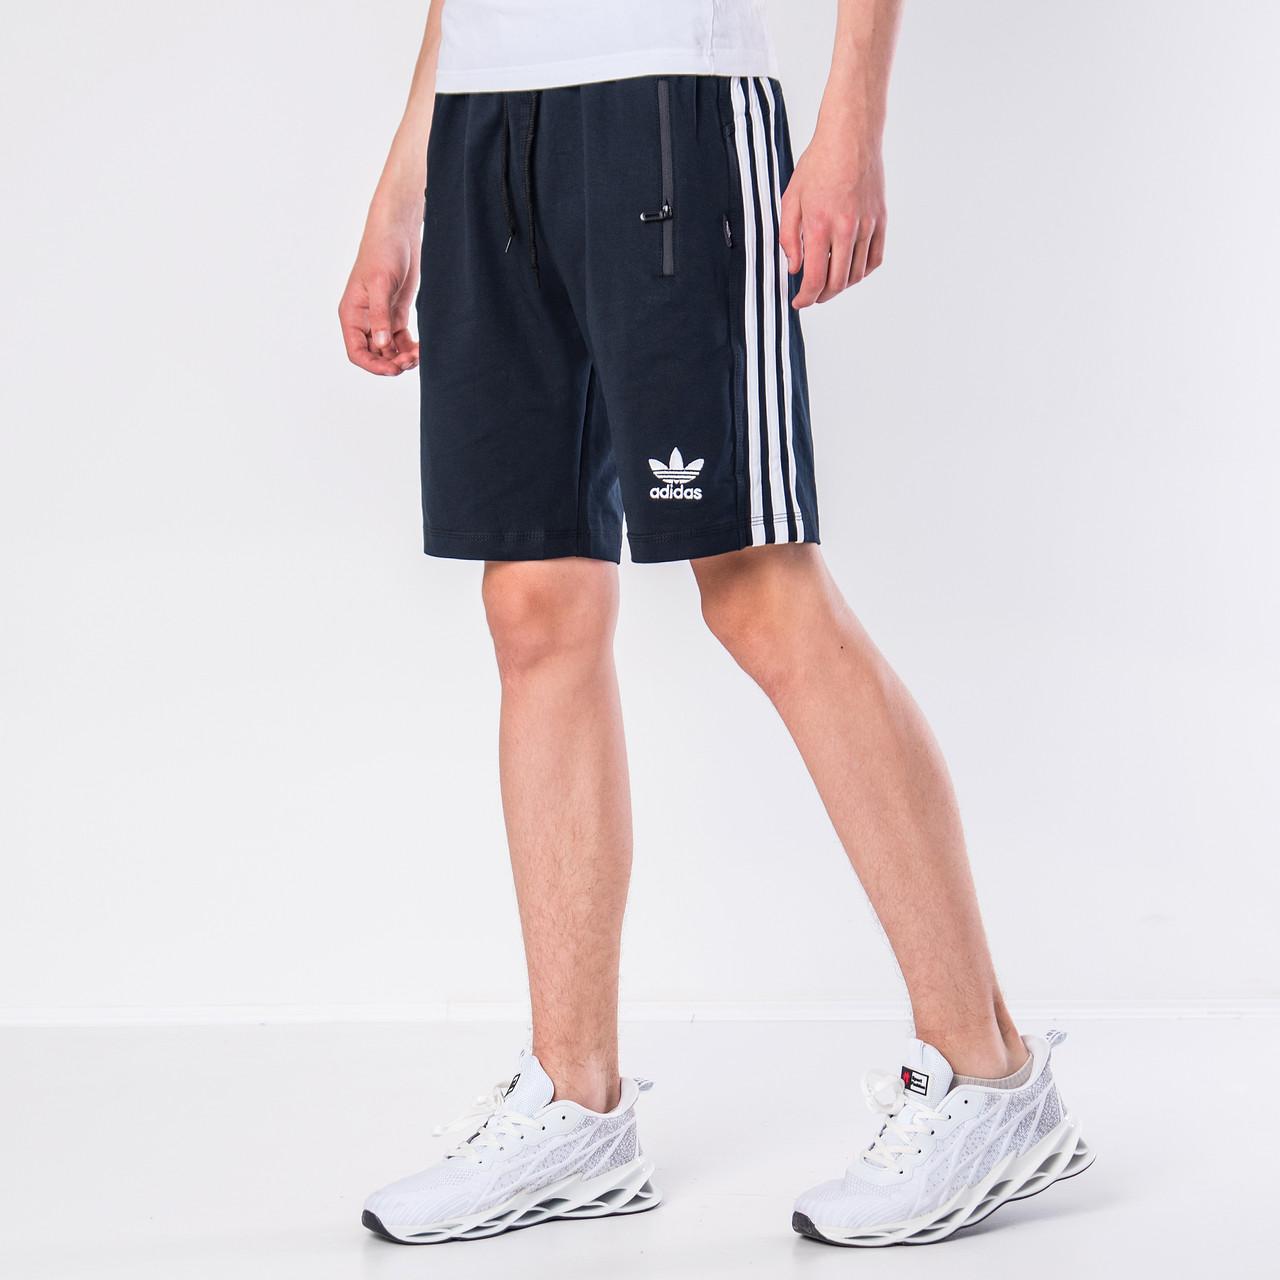 Чоловічі трикотажні шорти Adidas, синього кольору з білими полосками